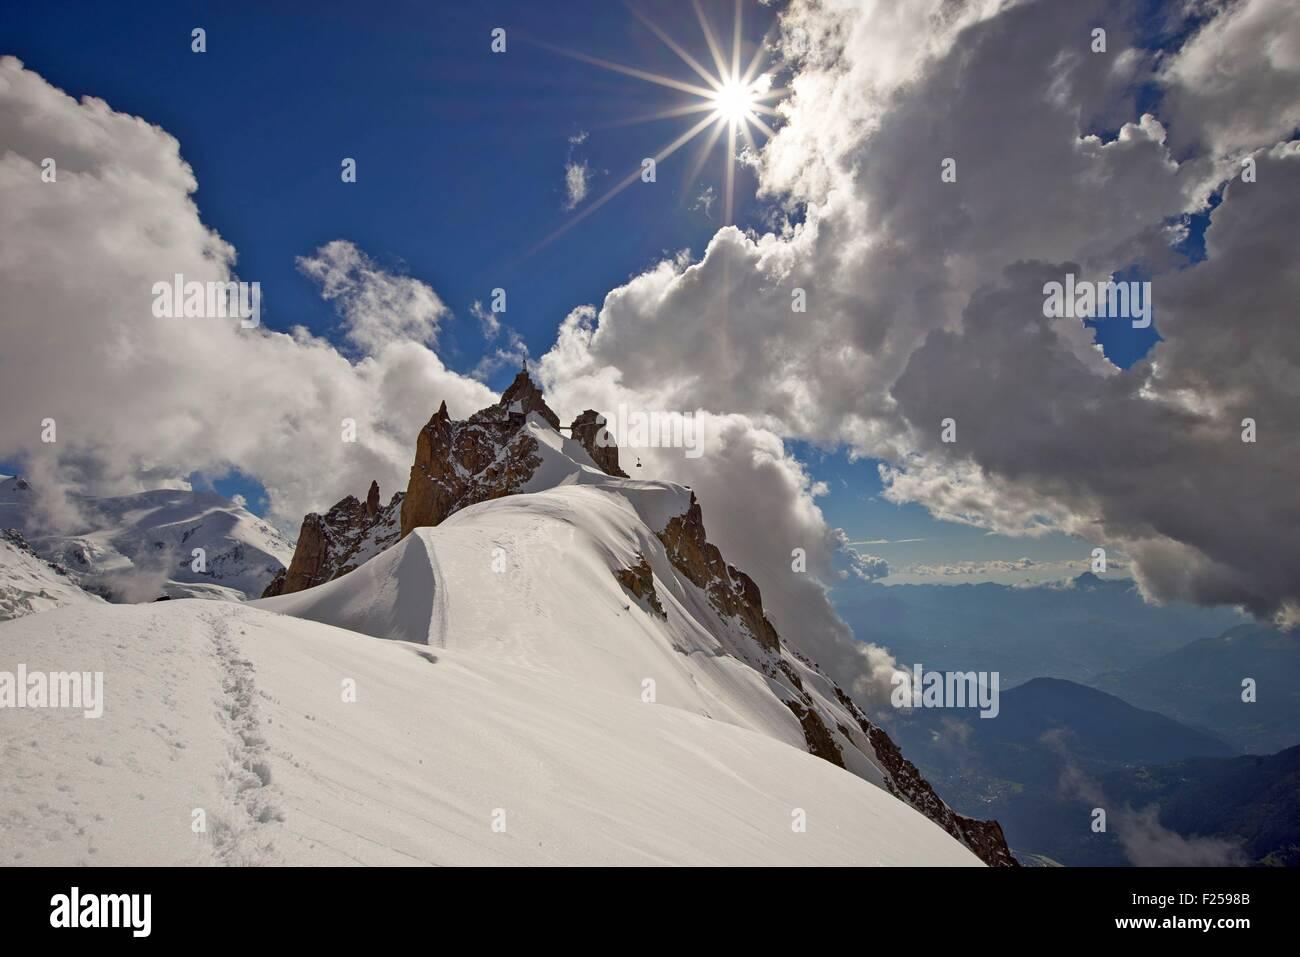 France, Haute Savoie, Chamonix, the aiguille du Midi (3848m), Mont Blanc range - Stock Image